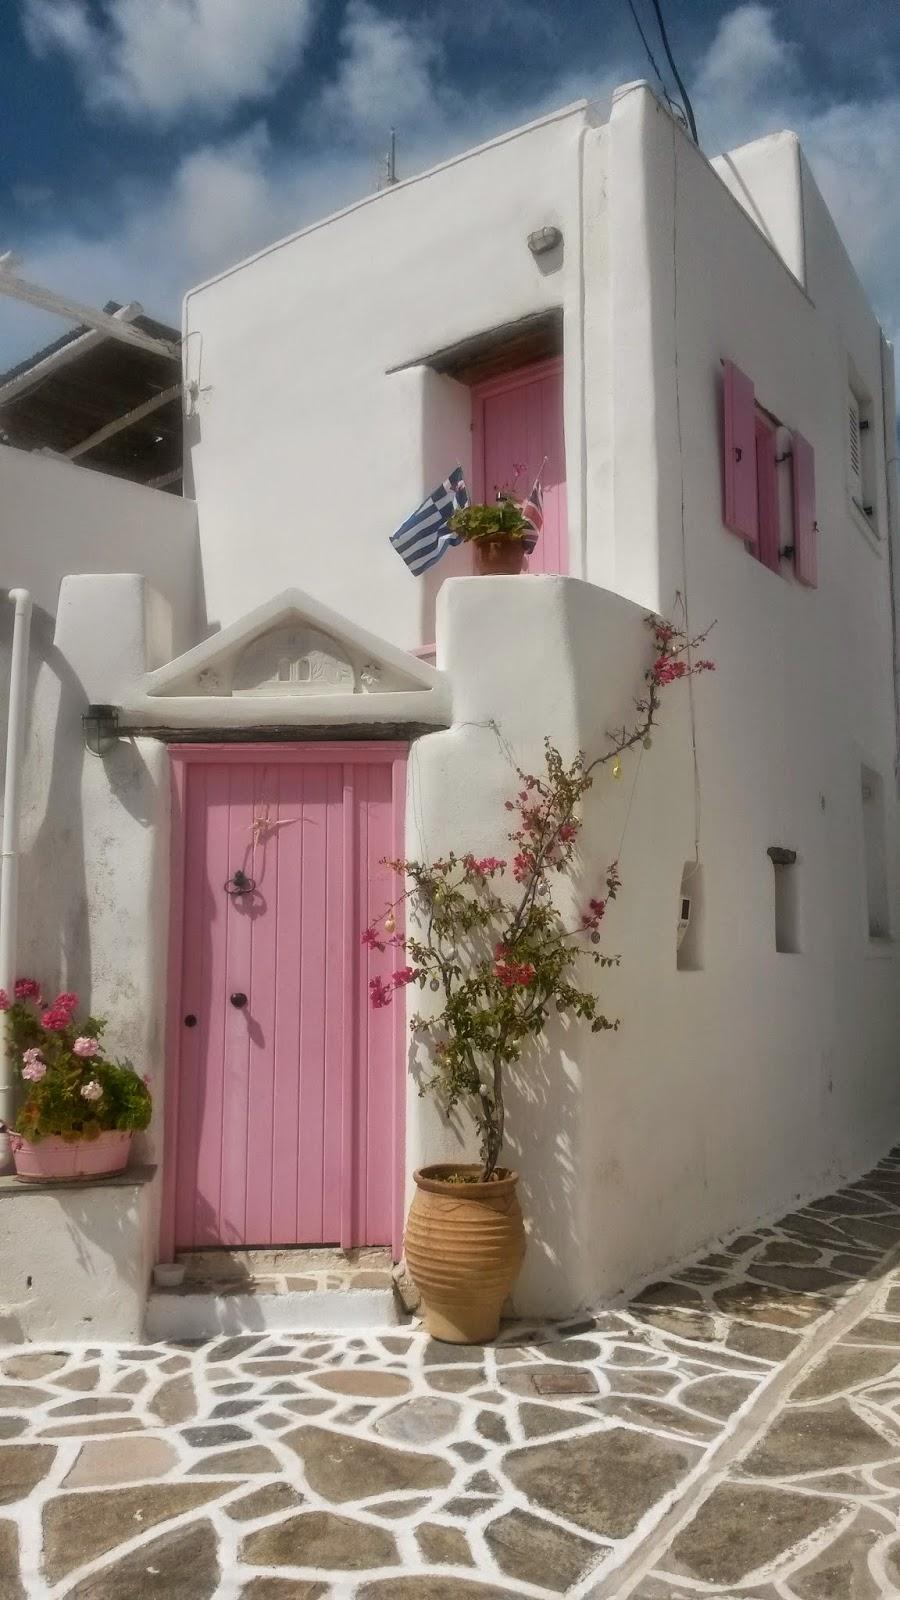 Πάρος, η αγαπημένη! Παροικιά Νάουσα ελληνικό νησί υπέροχες παραλίες φωτογραφίες